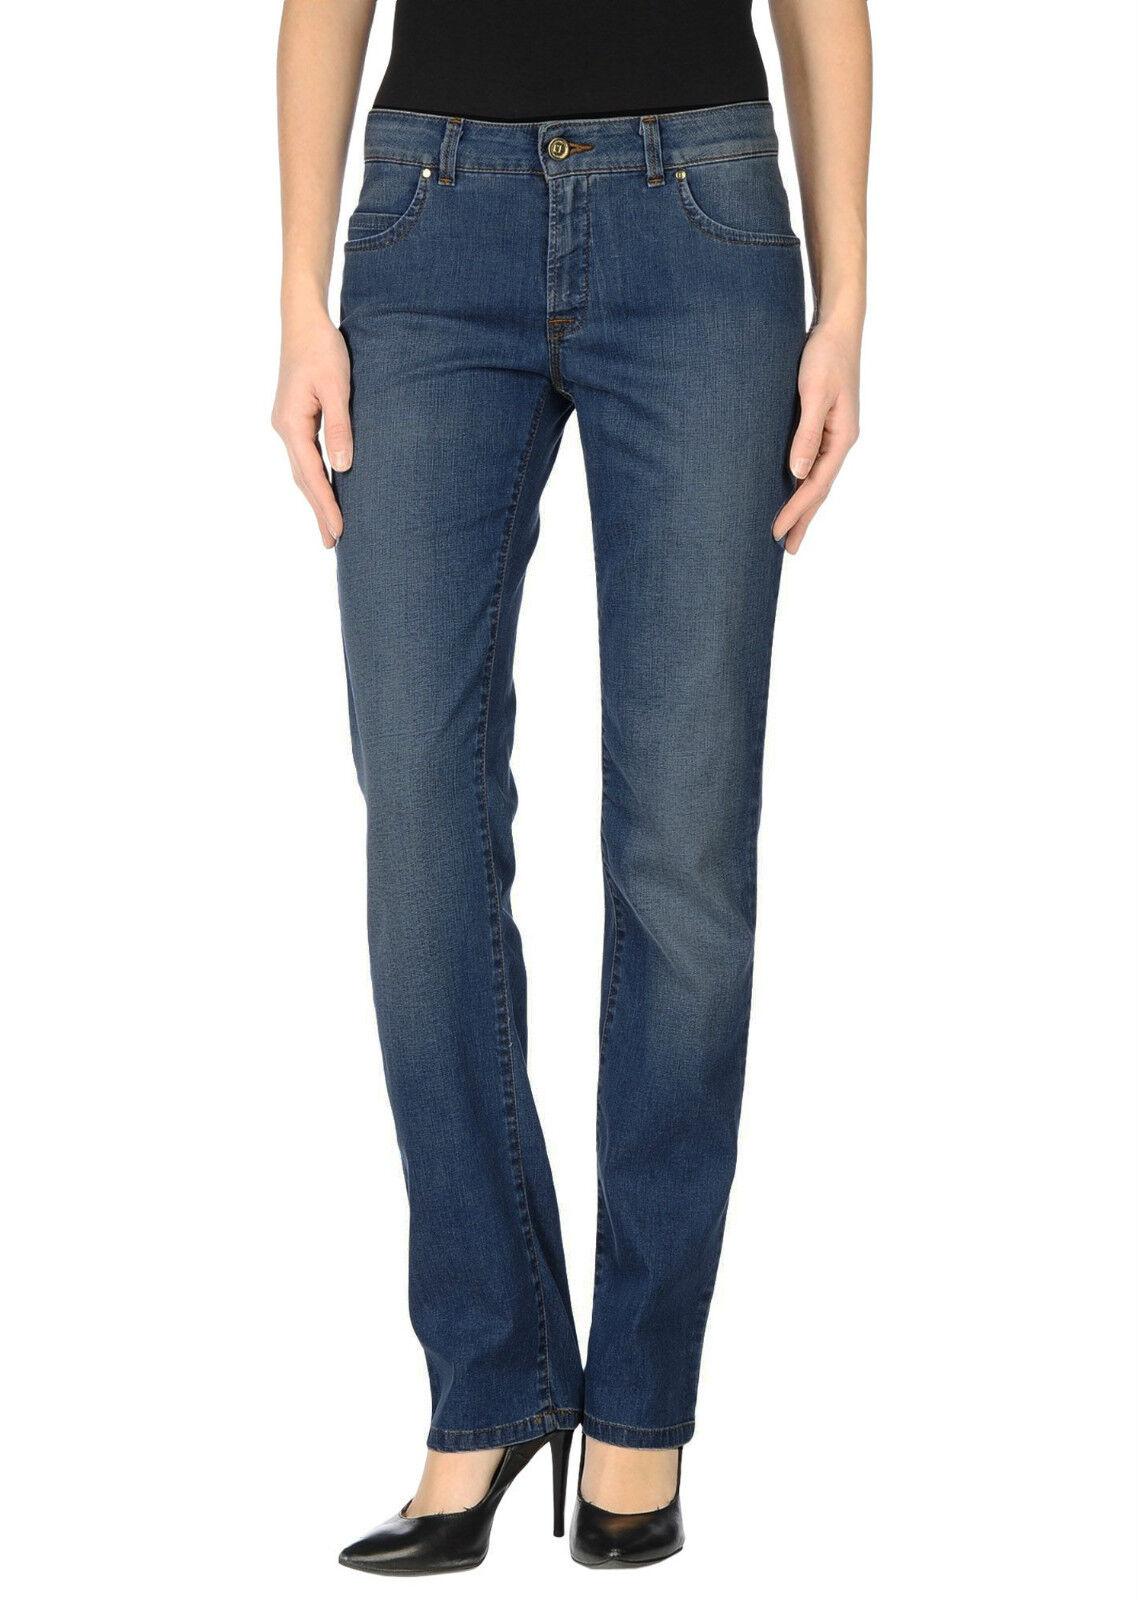 TJ TRUSSARDI JEANS jeans con strass logo ricamato vita alta gamba dritta PROMO